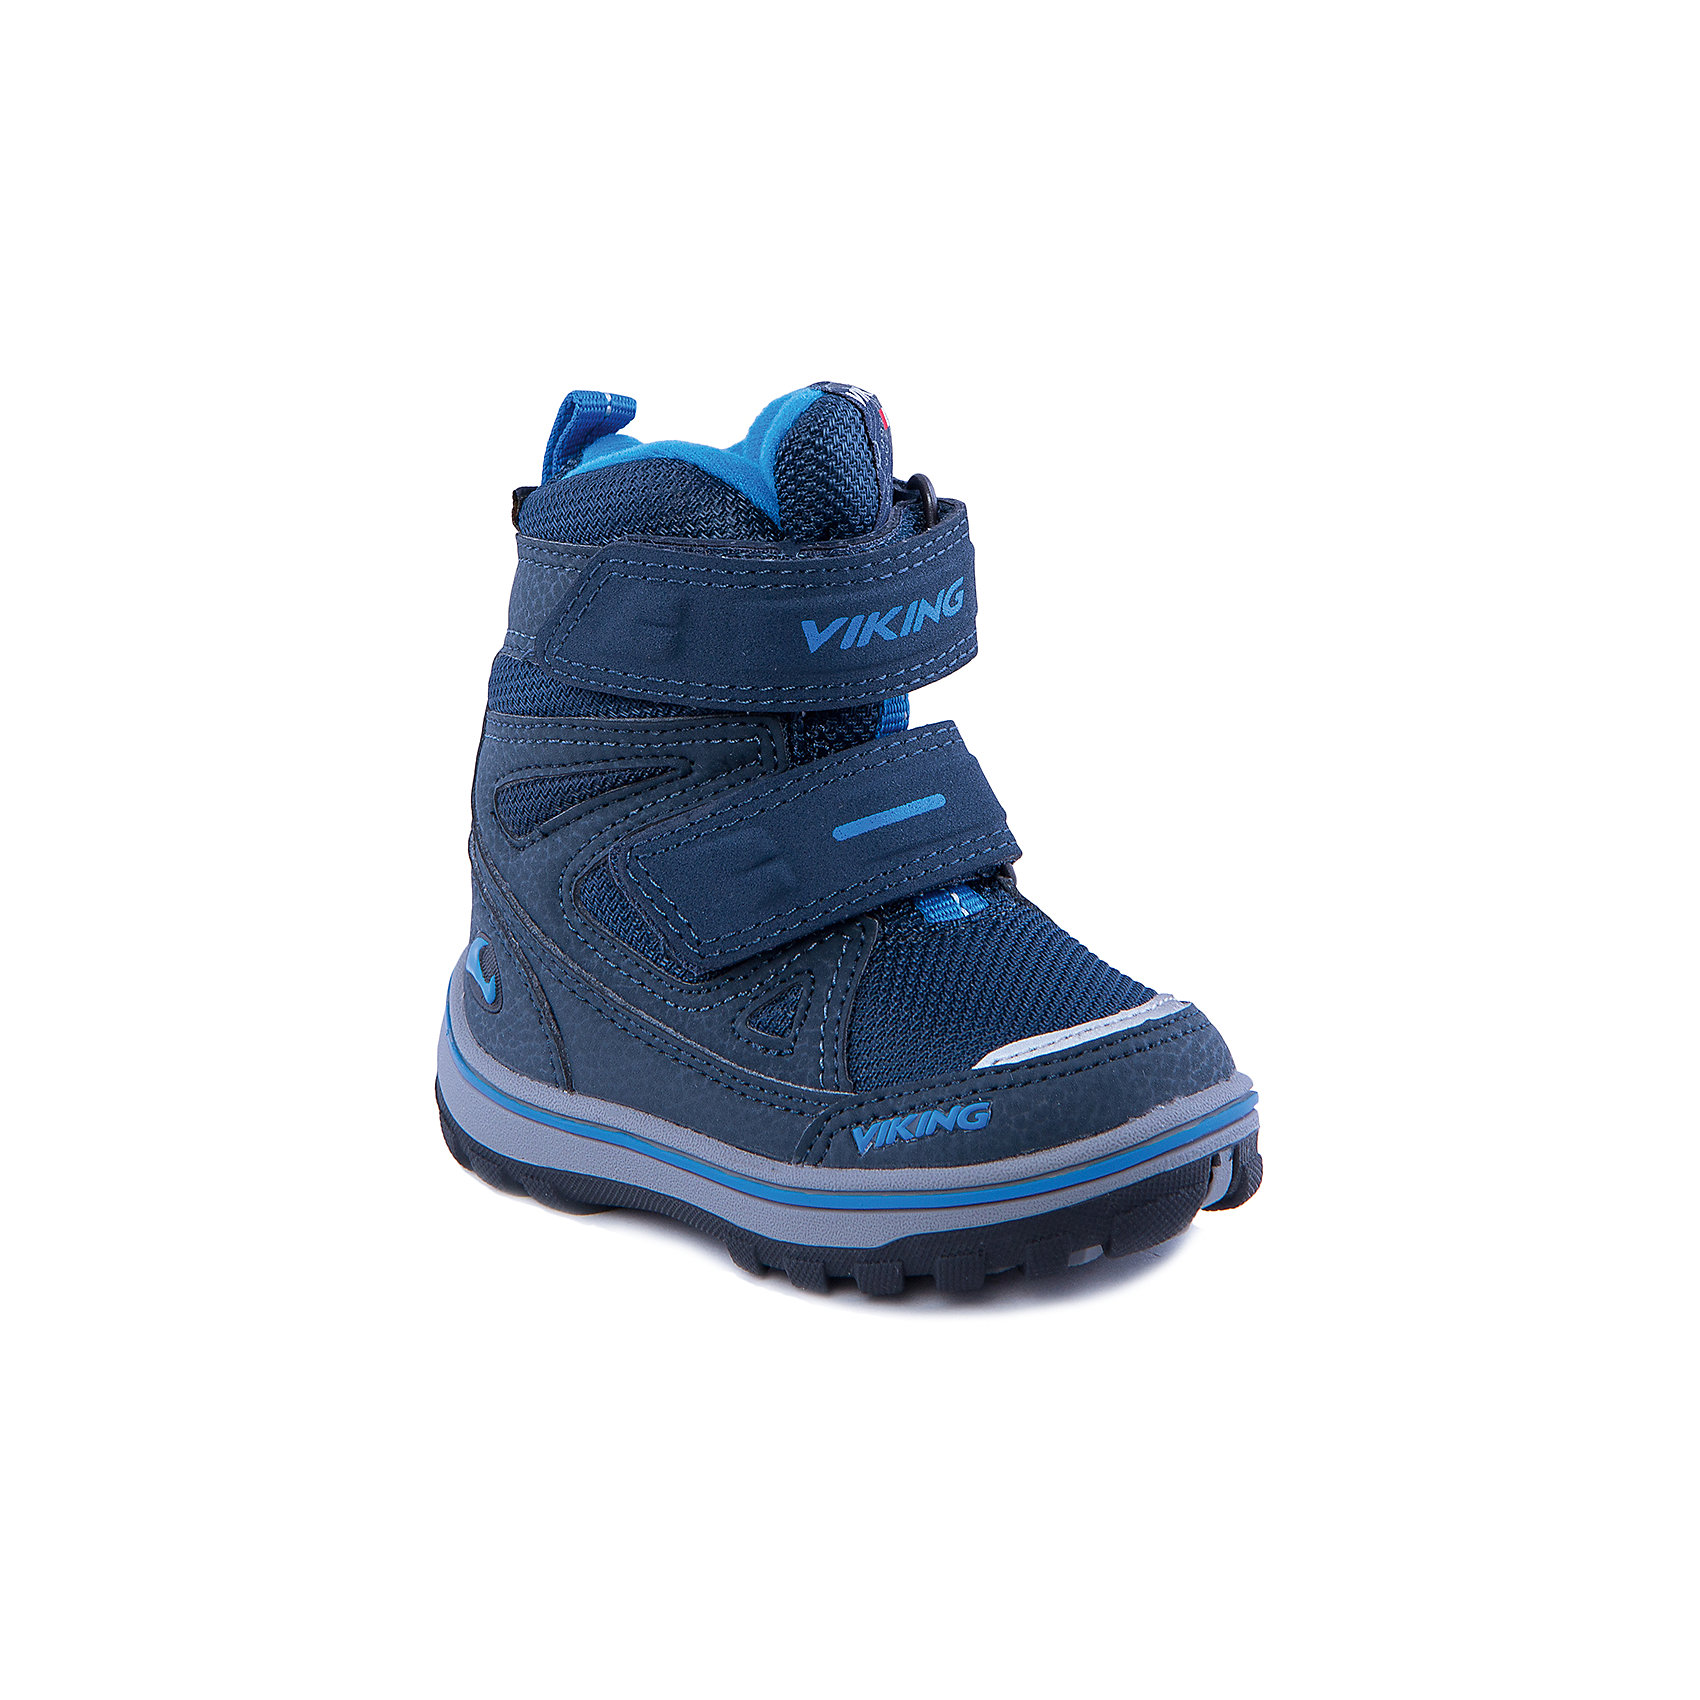 Ботинки для мальчика VIKINGСноубутсы<br>Ботинки для мальчика от популярной марки VIKING <br><br>Теплые и удобные зимние ботинки сделаны по уникальной технологии. <br>Производитель обуви VIKING разработал специальную  высокотехнологичную мембрану GORE-TEX. Она добавляется в подкладку обуви и позволяют ногам оставаться сухими и теплыми. Мембрана активно отводит влагу наружу, и не дает жидкости проникать внутрь. Мембрана GORE-TEX не создает препятствий для воздуха, обеспечивая комфортные условия для детских ножек.<br><br>Отличительные особенности модели:<br><br>- цвет: синий;<br>- гибкая нескользящая подошва;<br>- утепленная стелька;<br>- небольшой вес;<br>- усиленный носок и задник;<br>- эргономичная форма;<br>- мембрана GORE-TEX;<br>- специальная колодка для поддержания правильного положения стопы;<br>- соединенный с ботинком язычок, не дающий снегу попасть внутрь;<br>- удобный супинатор;<br>- застежки-липучки.<br><br>Дополнительная информация:<br><br>- Температурный режим: от - 30° С  до -0° С.<br><br>- Состав:<br><br>материал верха: синтетический материал, текстиль<br>материал подкладки: 80% шерсть, 20% полиэстер, мембрана GORE-TEX<br>подошва: резина<br><br>Ботинки для мальчика VIKING (Викинг) можно купить в нашем магазине.<br><br>Ширина мм: 262<br>Глубина мм: 176<br>Высота мм: 97<br>Вес г: 427<br>Цвет: синий<br>Возраст от месяцев: 24<br>Возраст до месяцев: 36<br>Пол: Мужской<br>Возраст: Детский<br>Размер: 26,25,23,29,28,24,22,21,20,27<br>SKU: 4279265